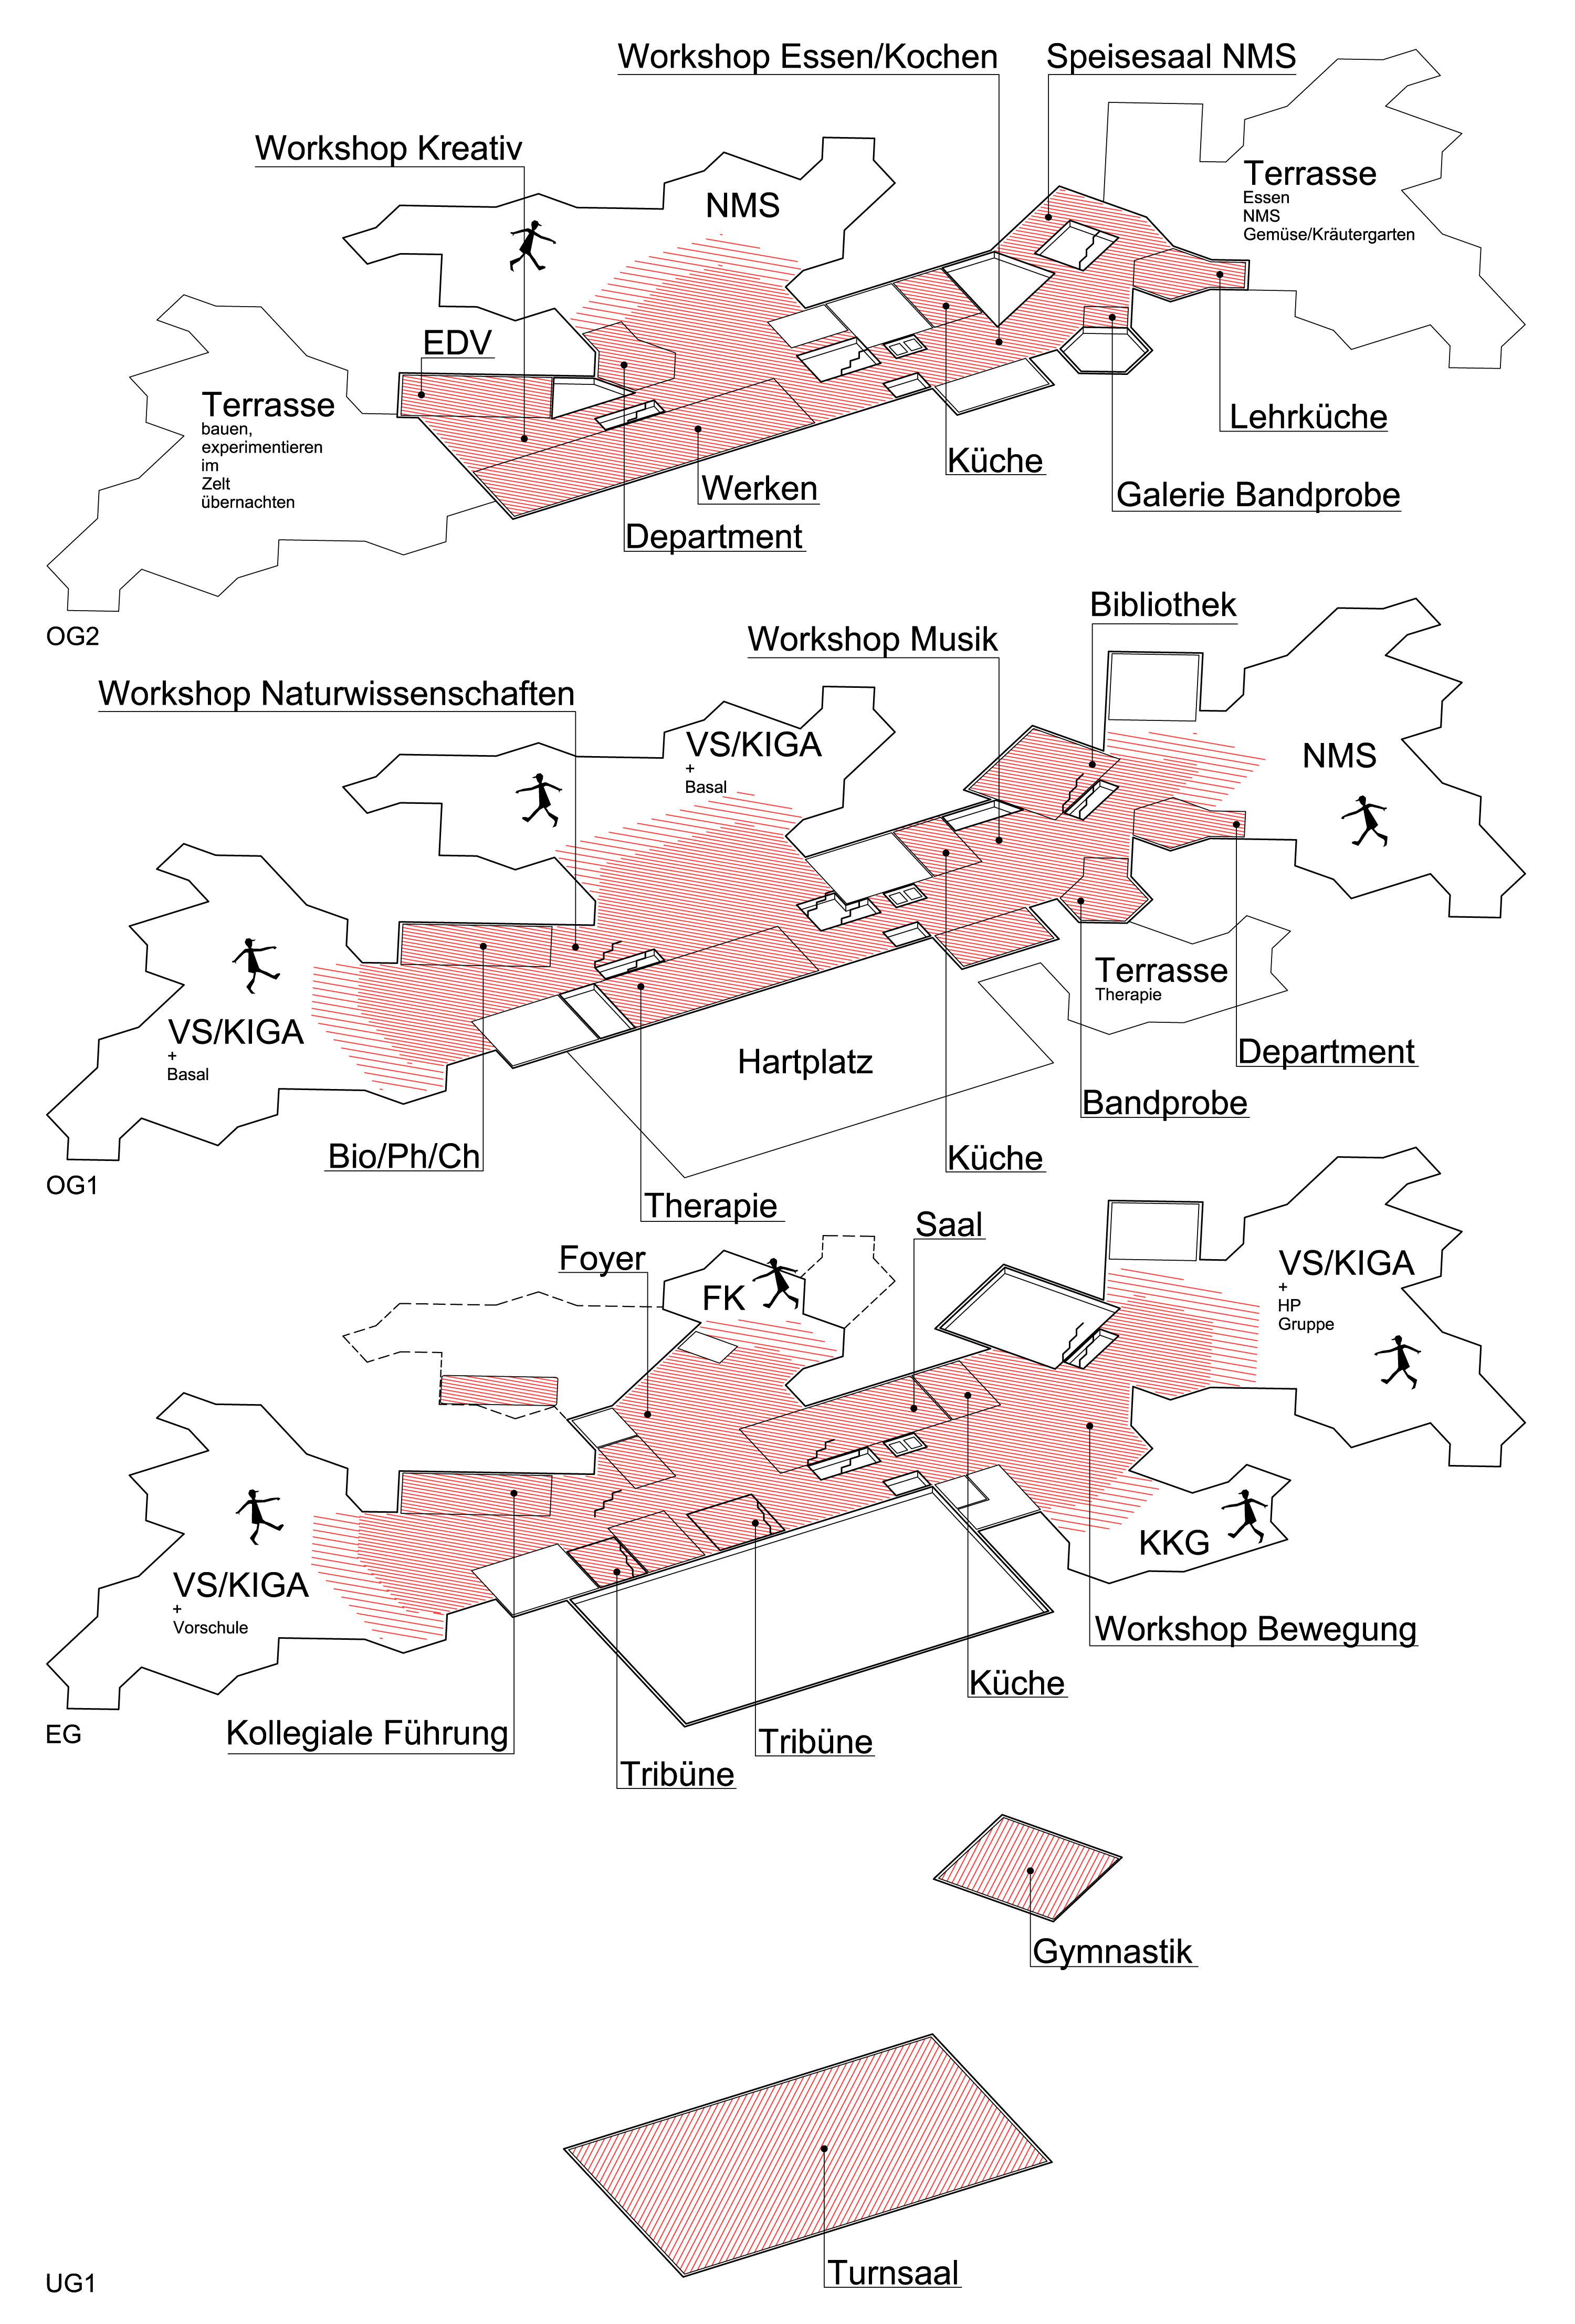 ppag_berresgasse_diagram5